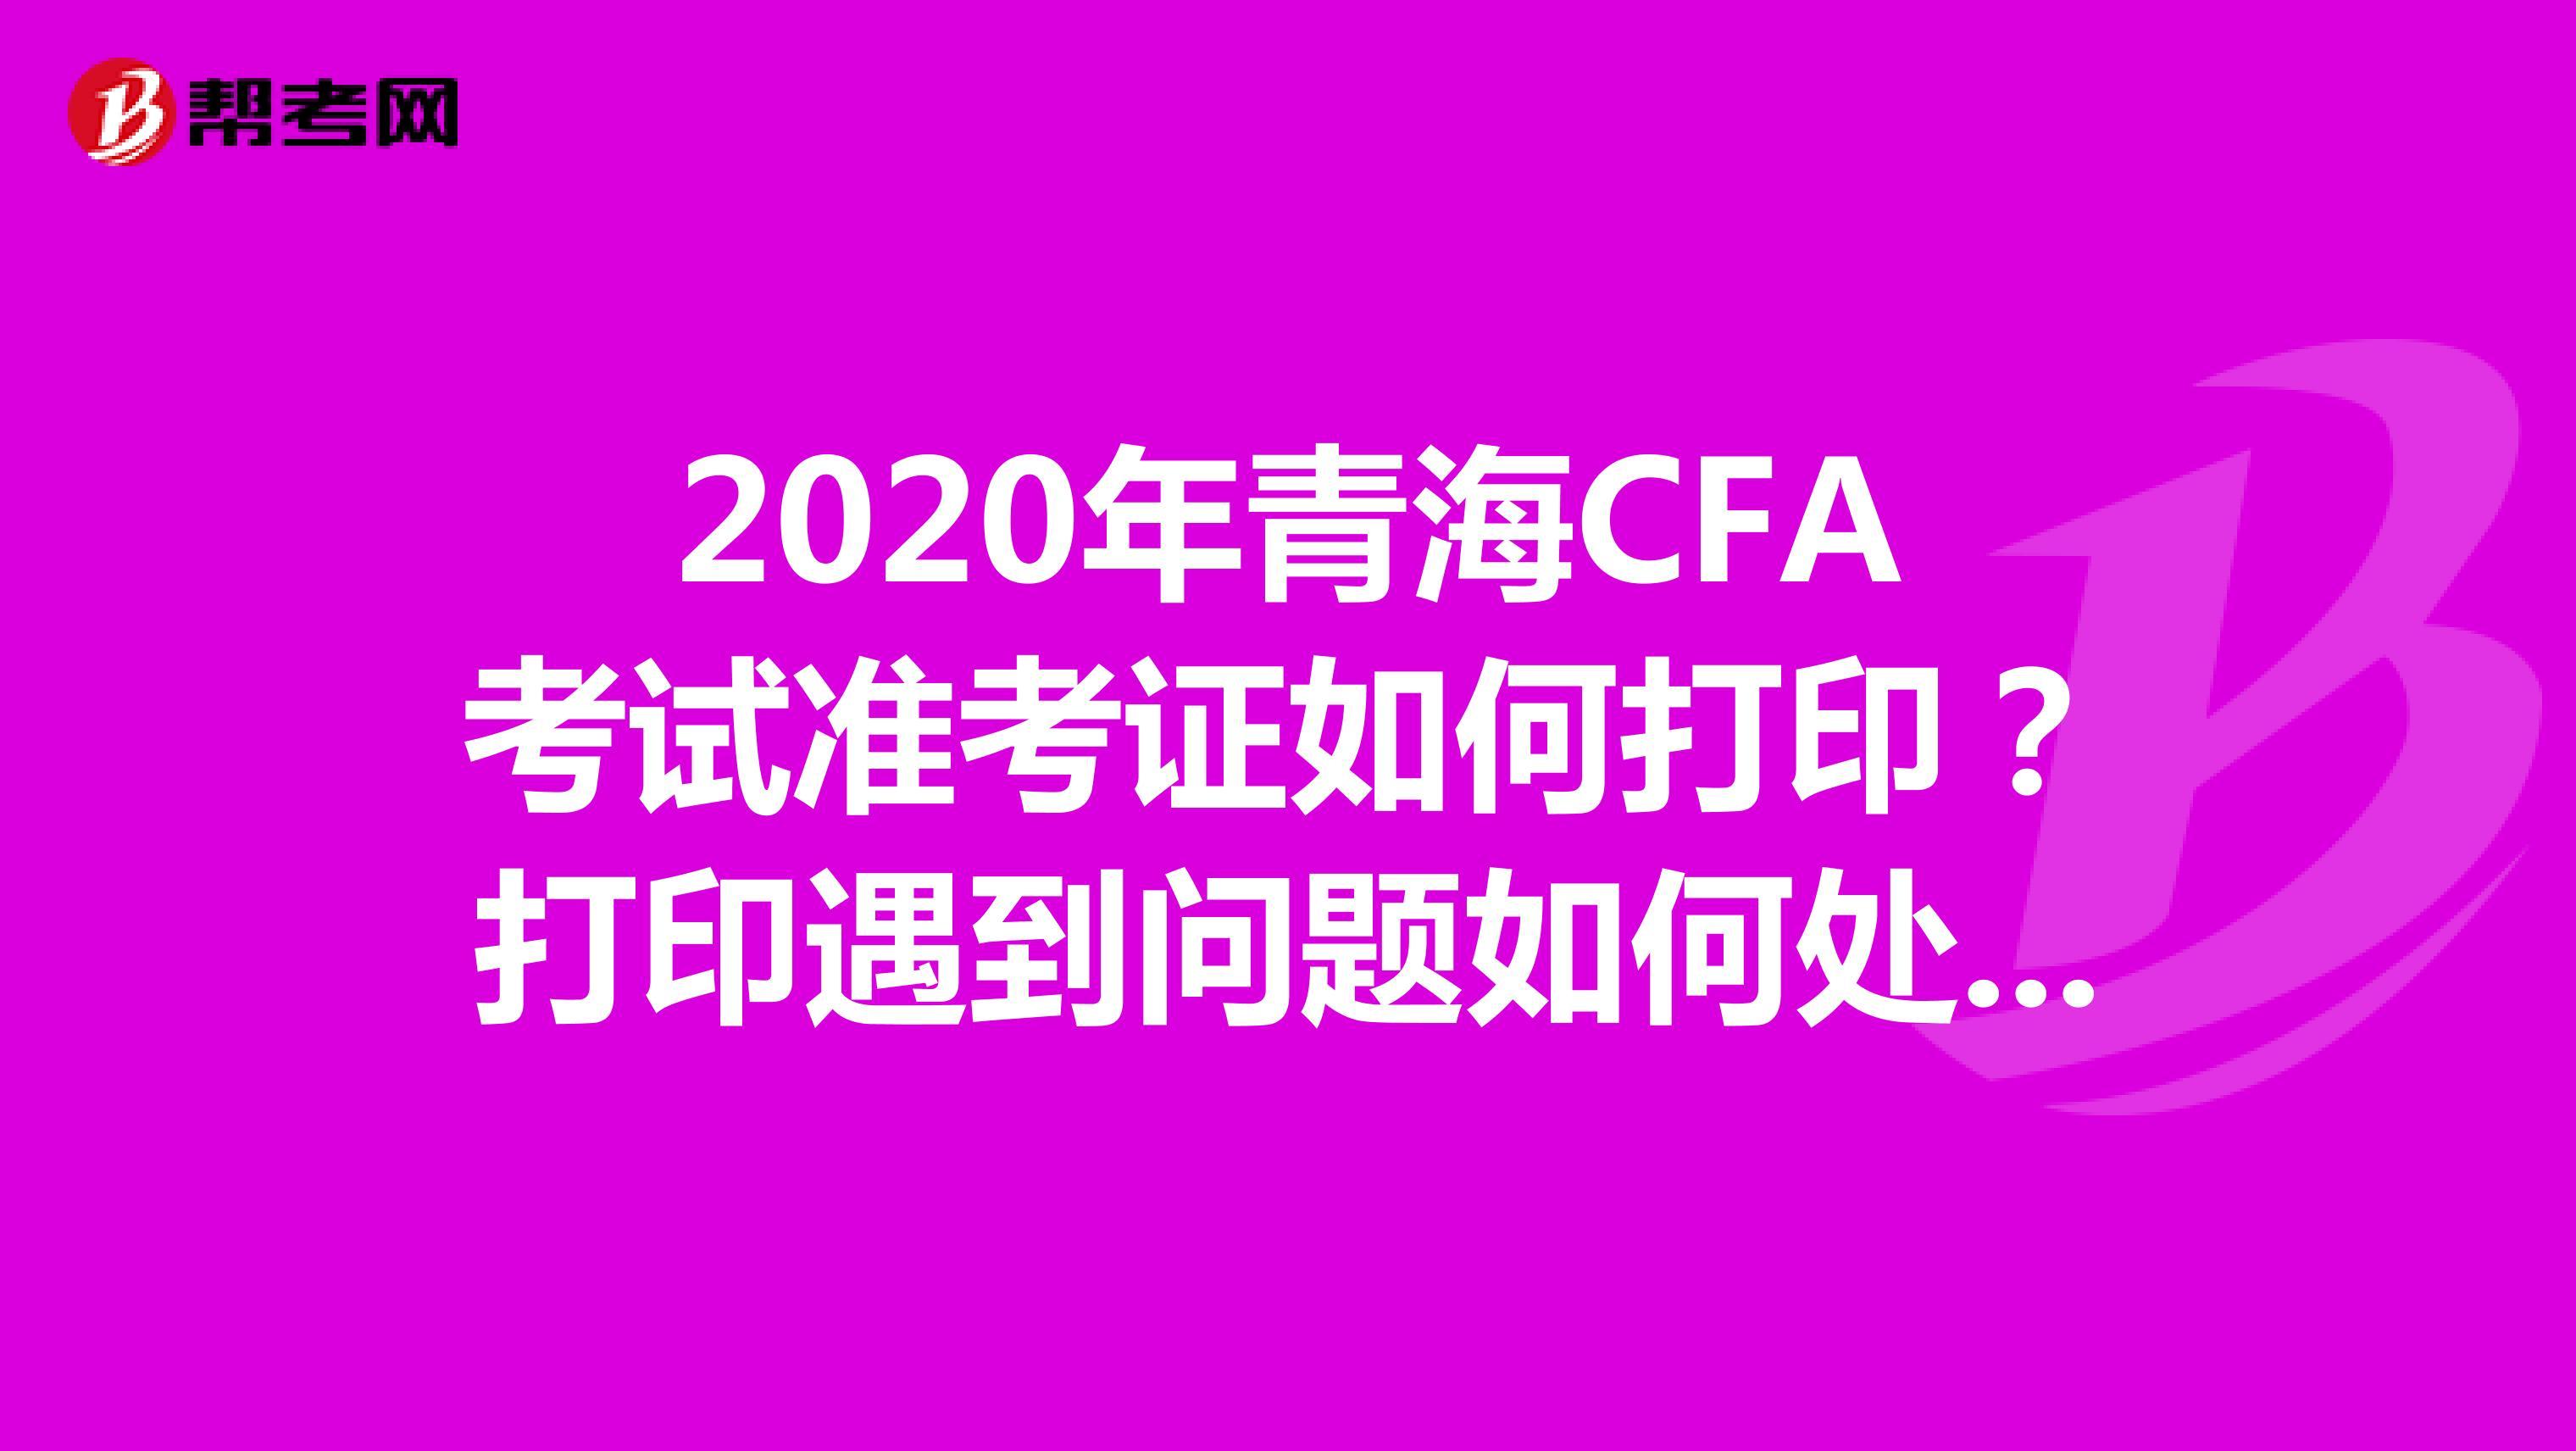 2020年青海CFA考试准考证如何打印?打印遇到问题如何处理?